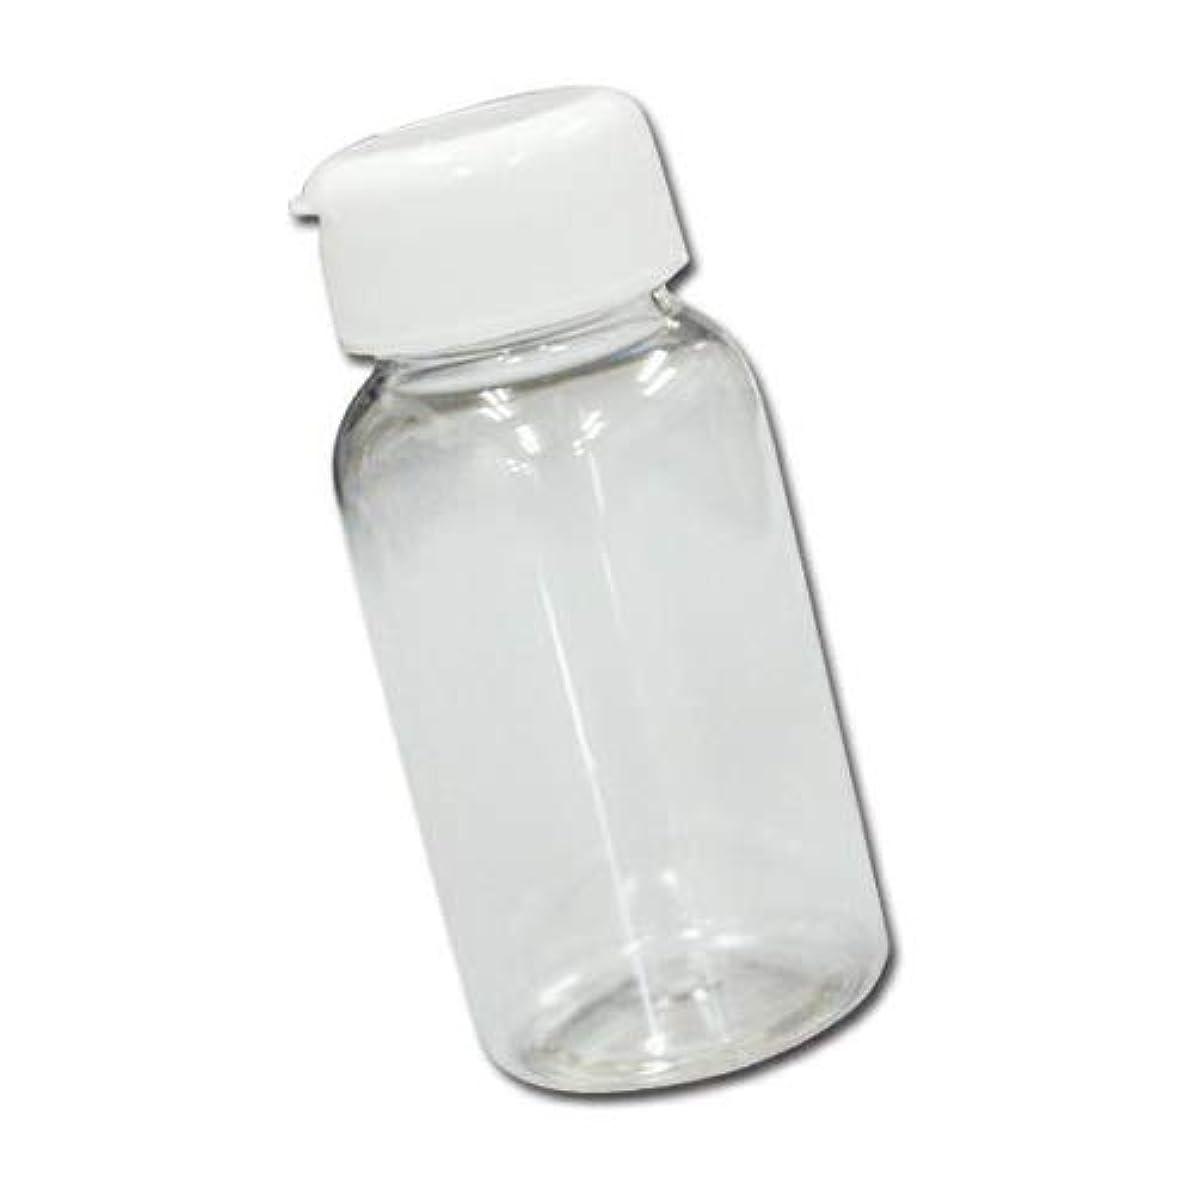 不承認今日シーンパウダー用詰め替え容器200mlボトル│業務用マッサージパウダーや調味料の小分けに最適な穴あき詰め替えボトル